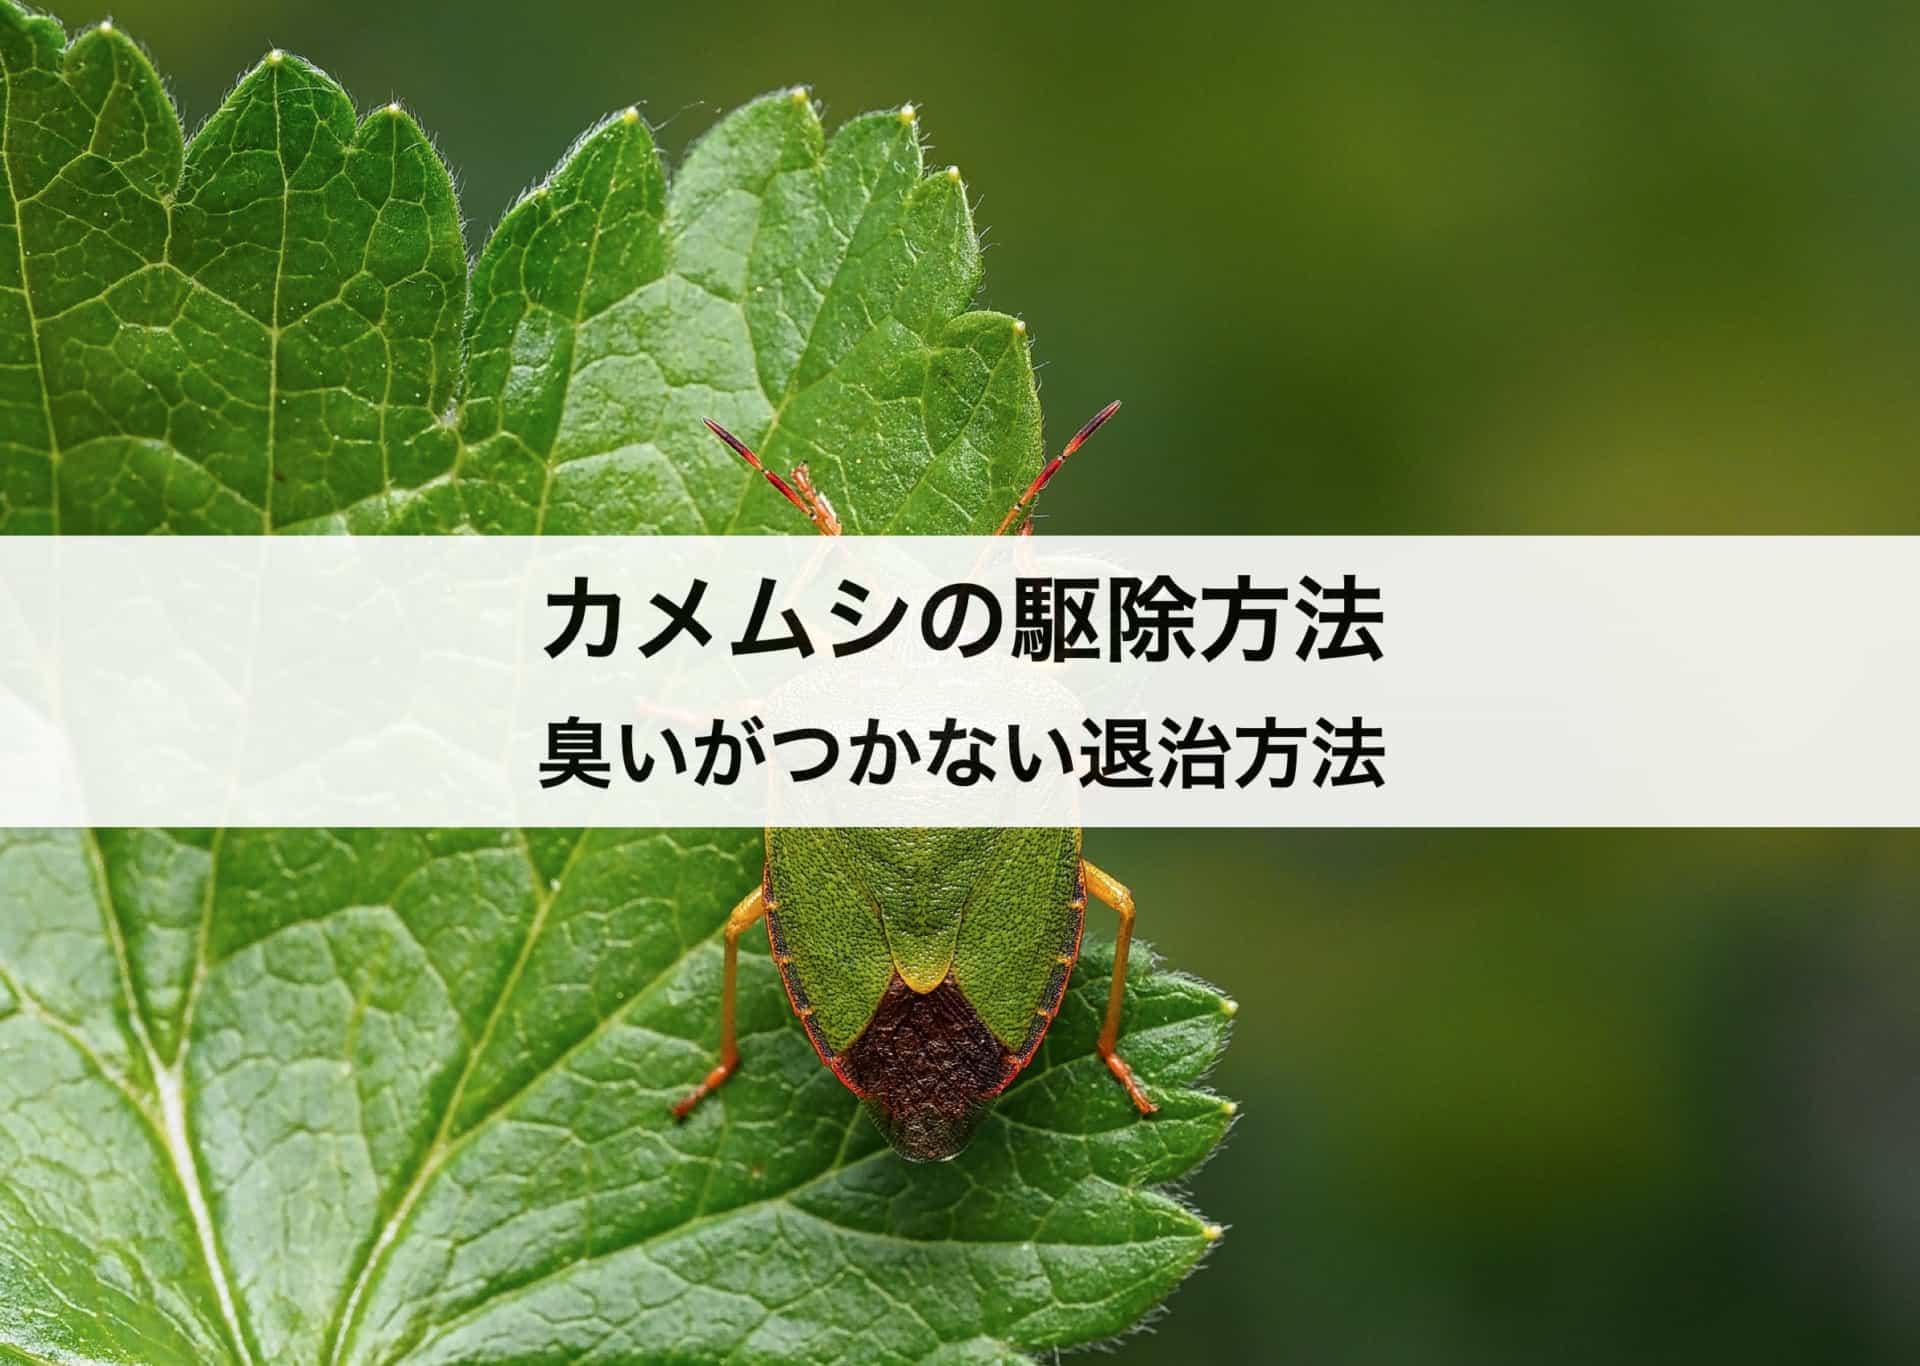 カメムシの駆除方法 カメムシの生態や臭いがつかない退治方法も紹介します!